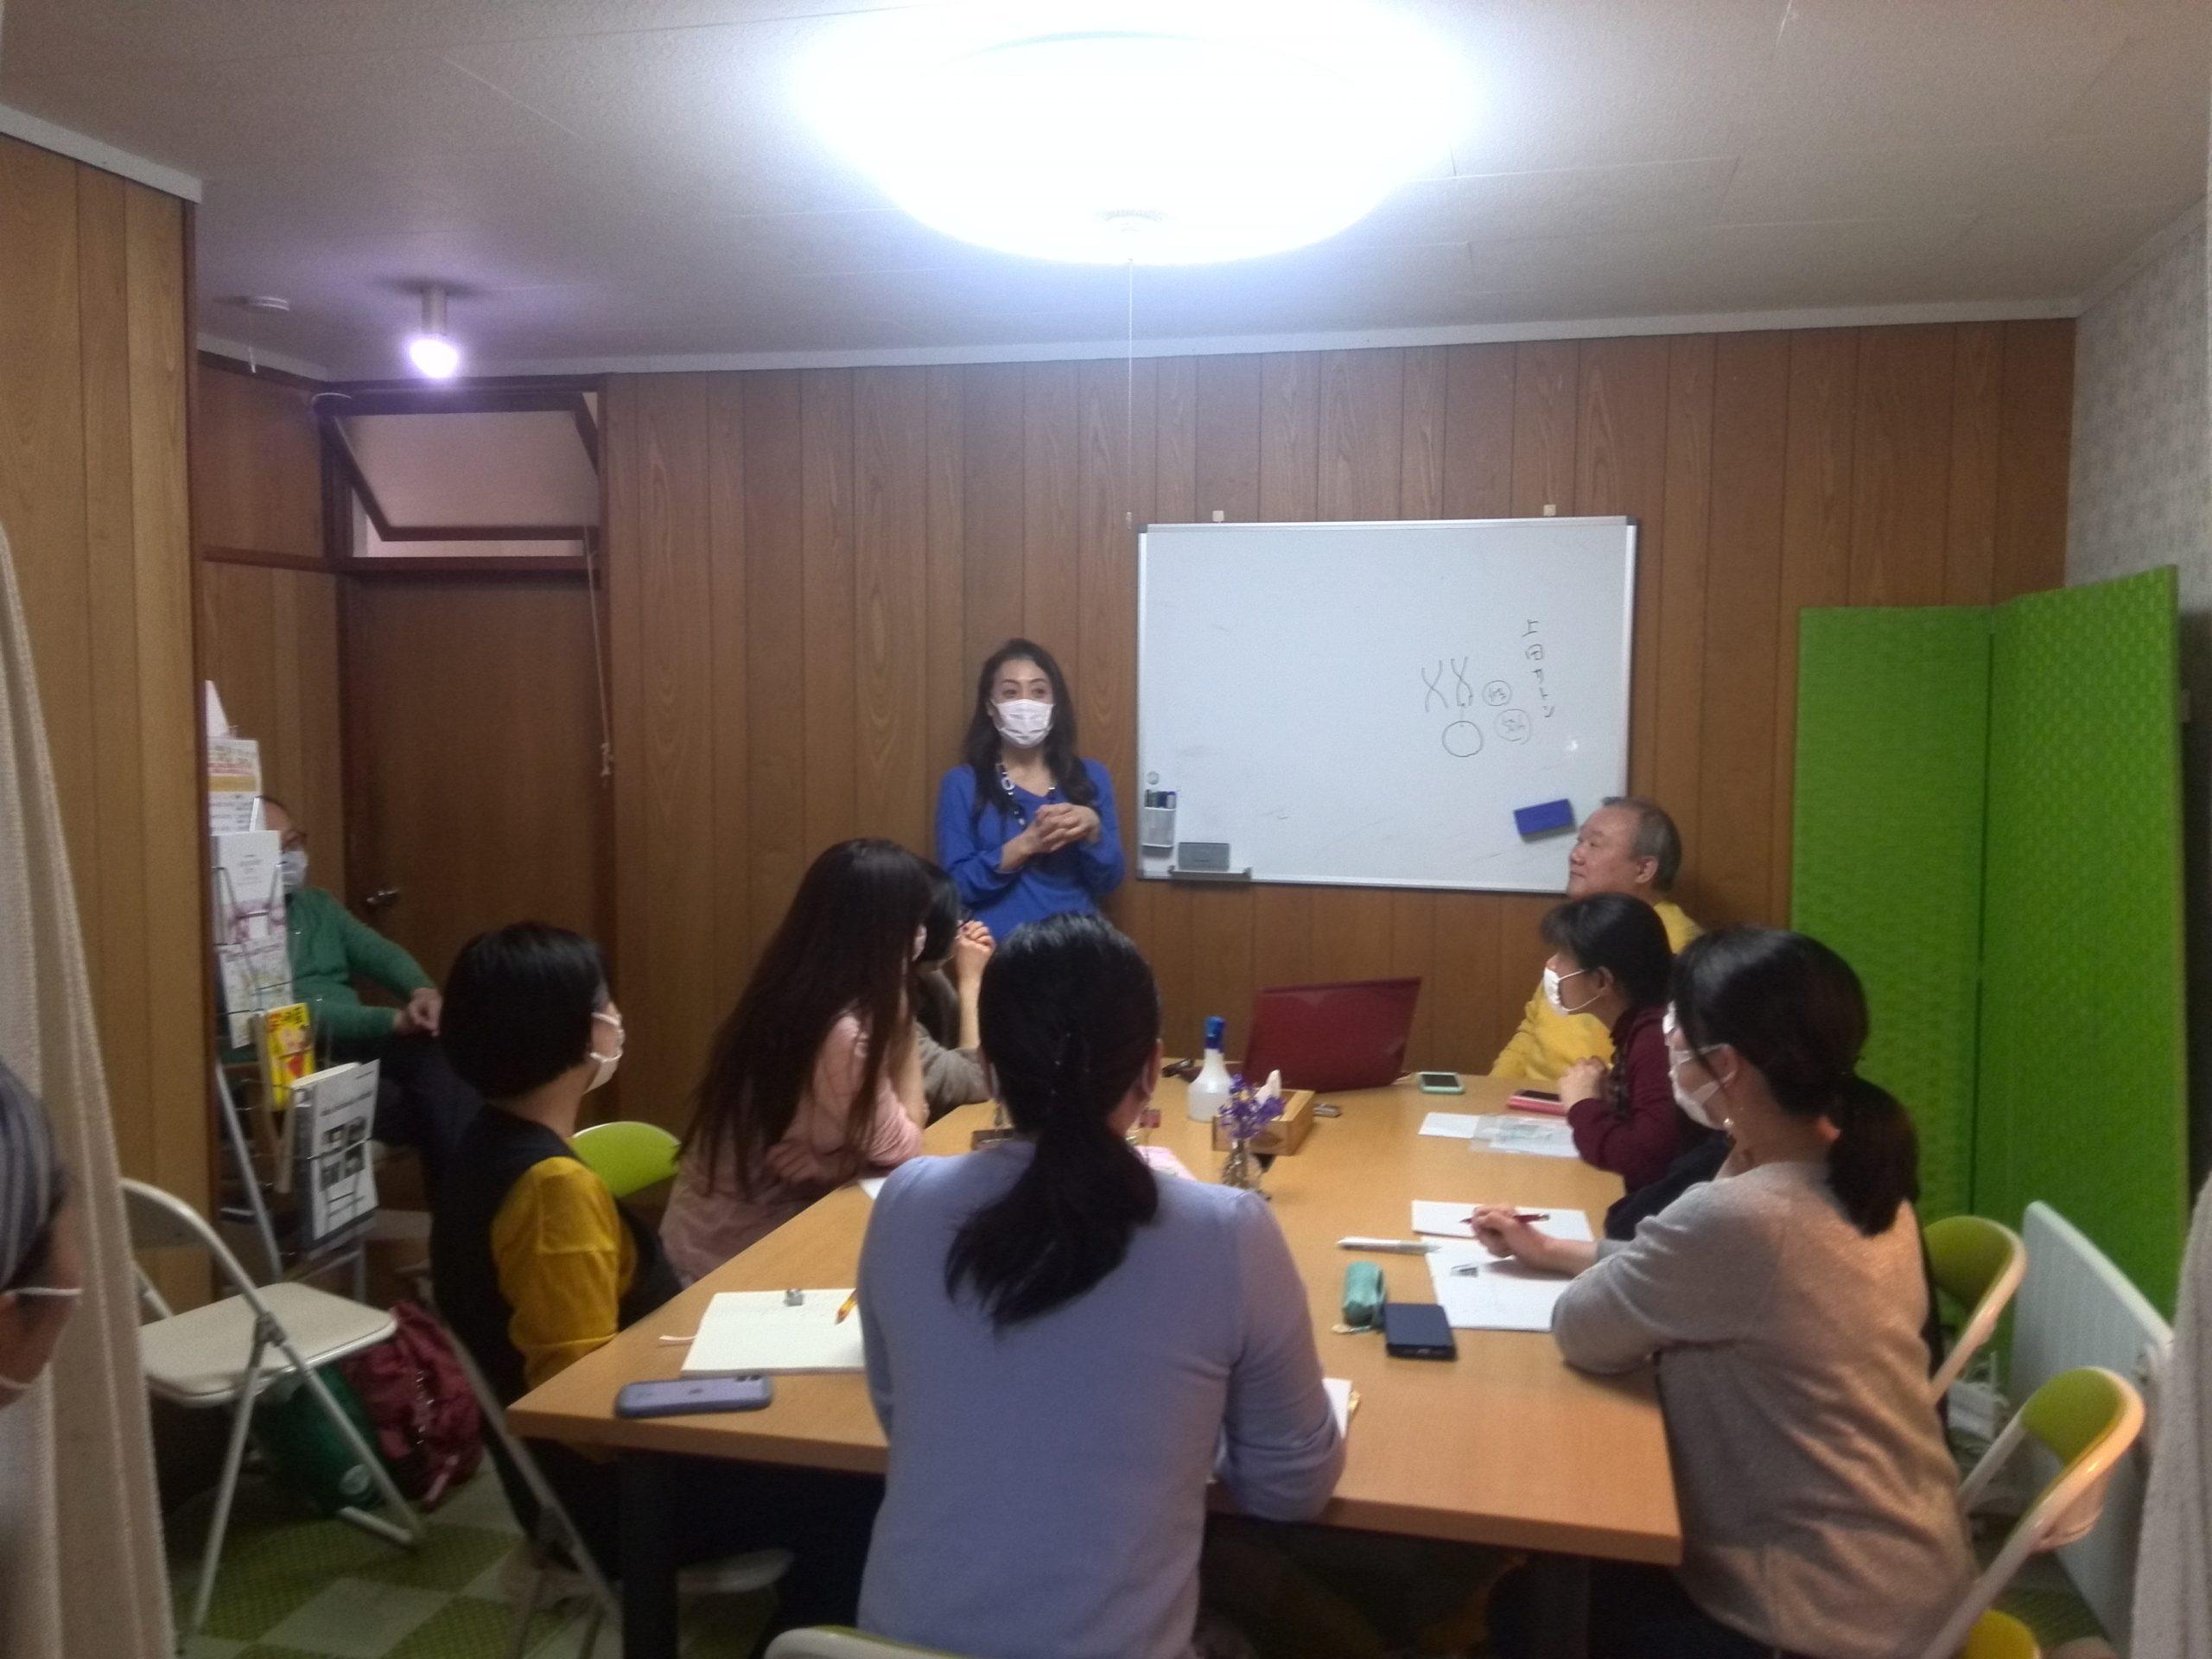 IMG 20200310 194303 scaled - 愛の子育て塾第16期第1講座開催